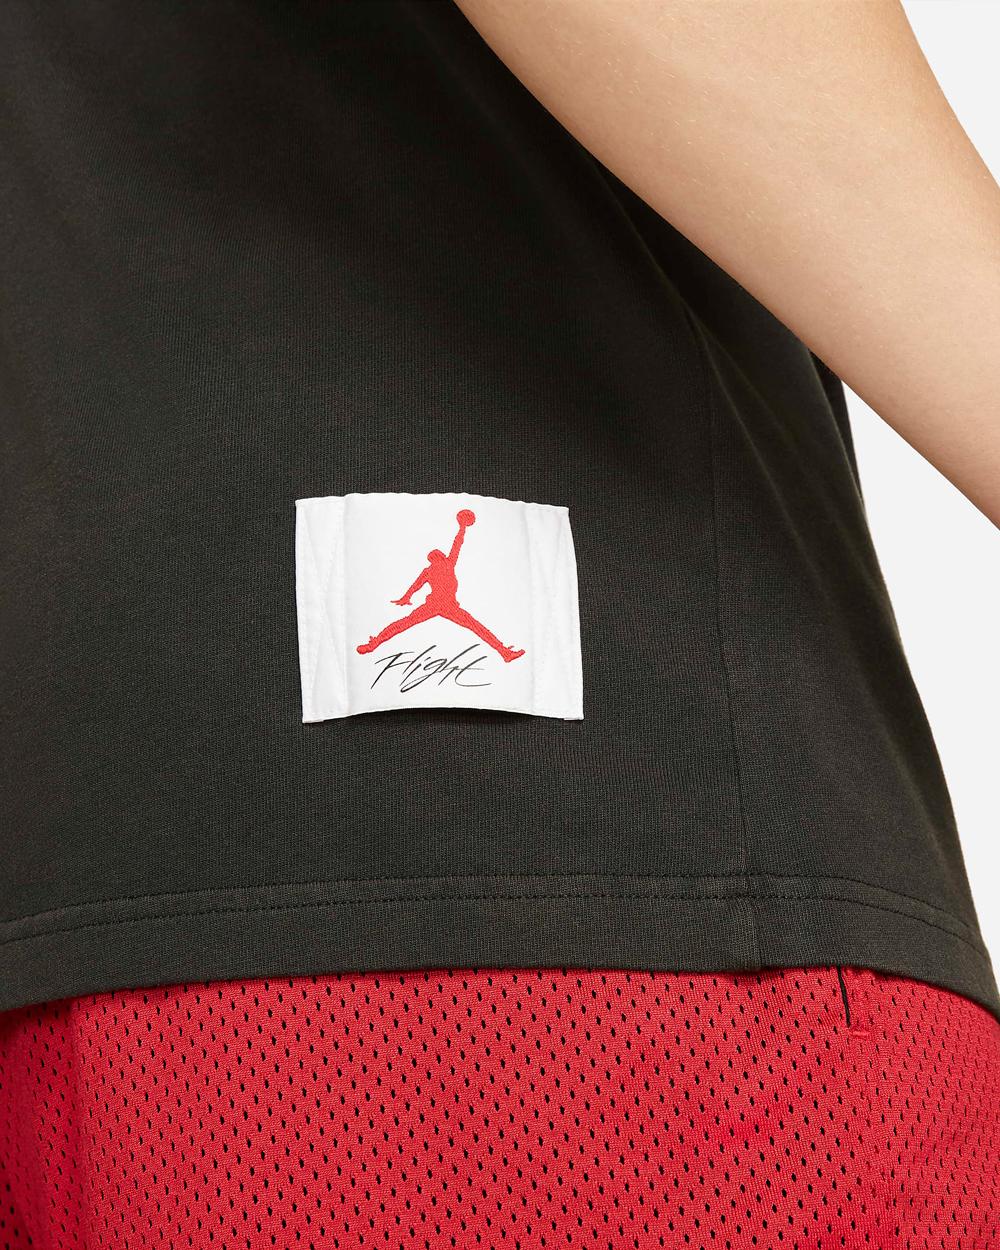 jordan-flight-graphic-shirt-black-red-grey-summer-2021-4